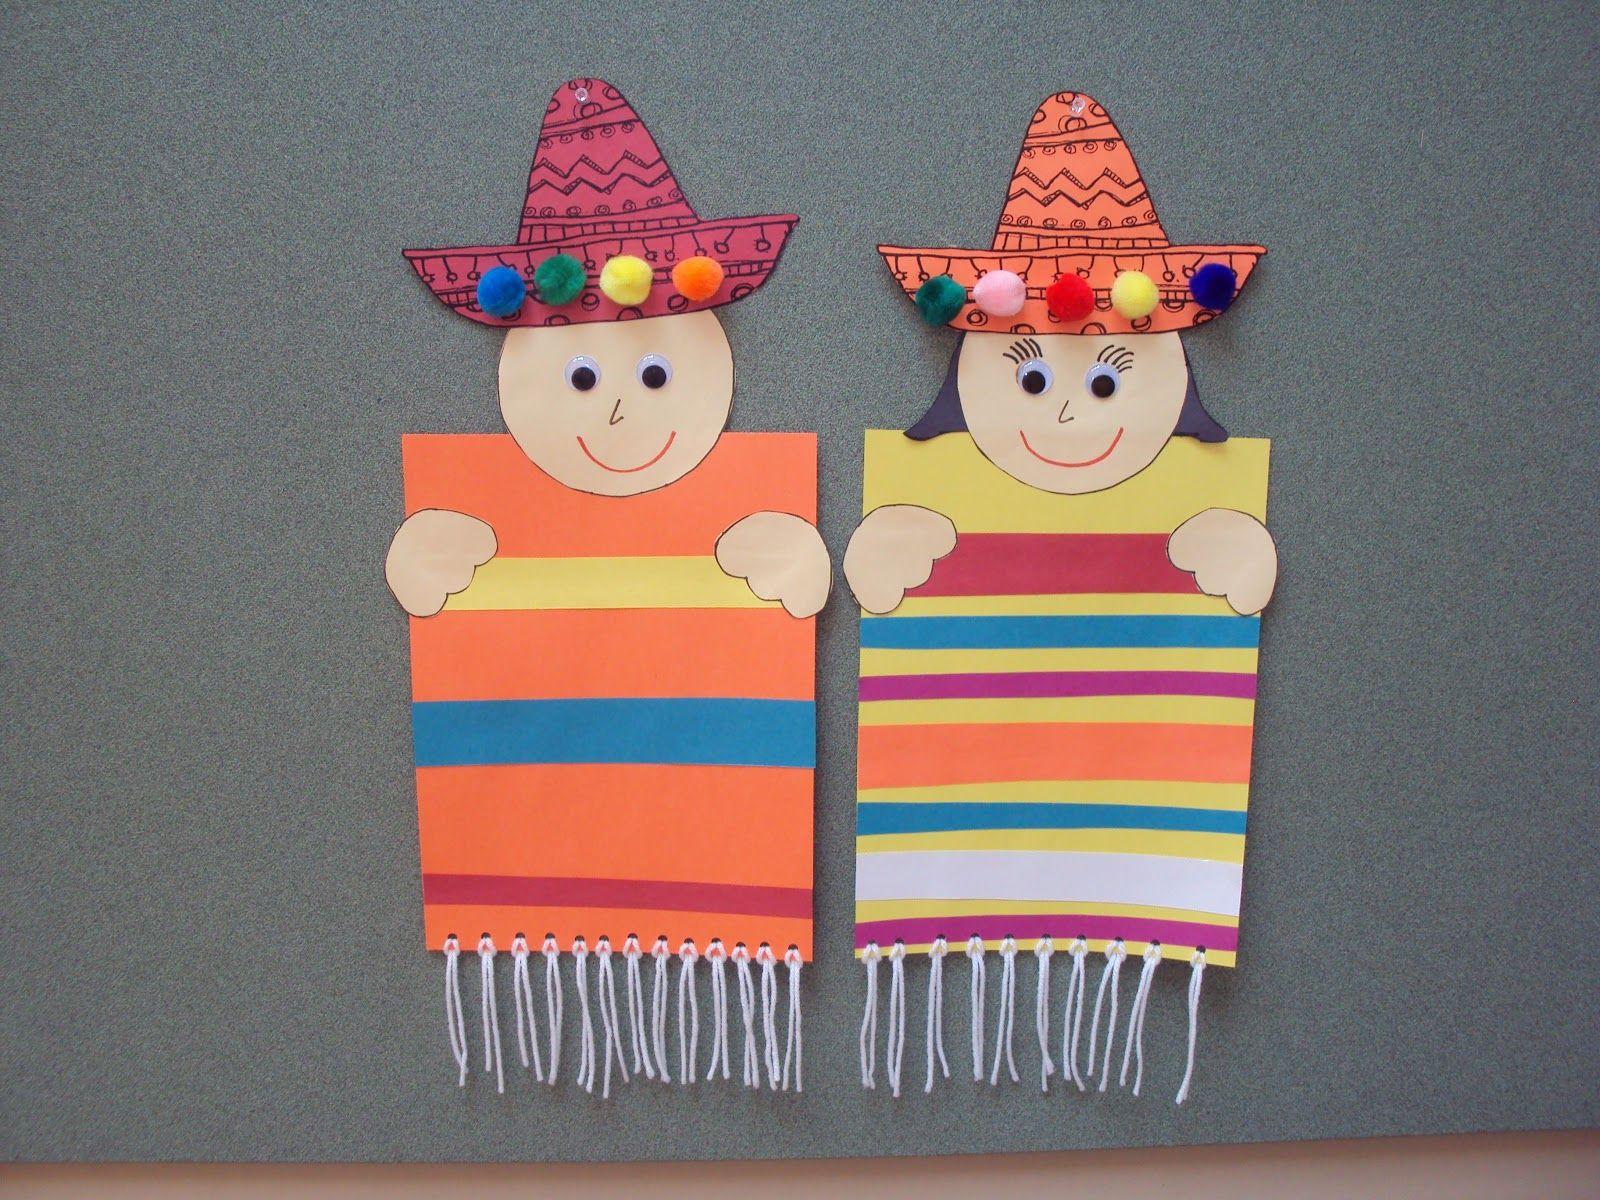 Cinco de mayo mexican flag coloring page - May Activities Preschool Wonders Cinco De Mayo